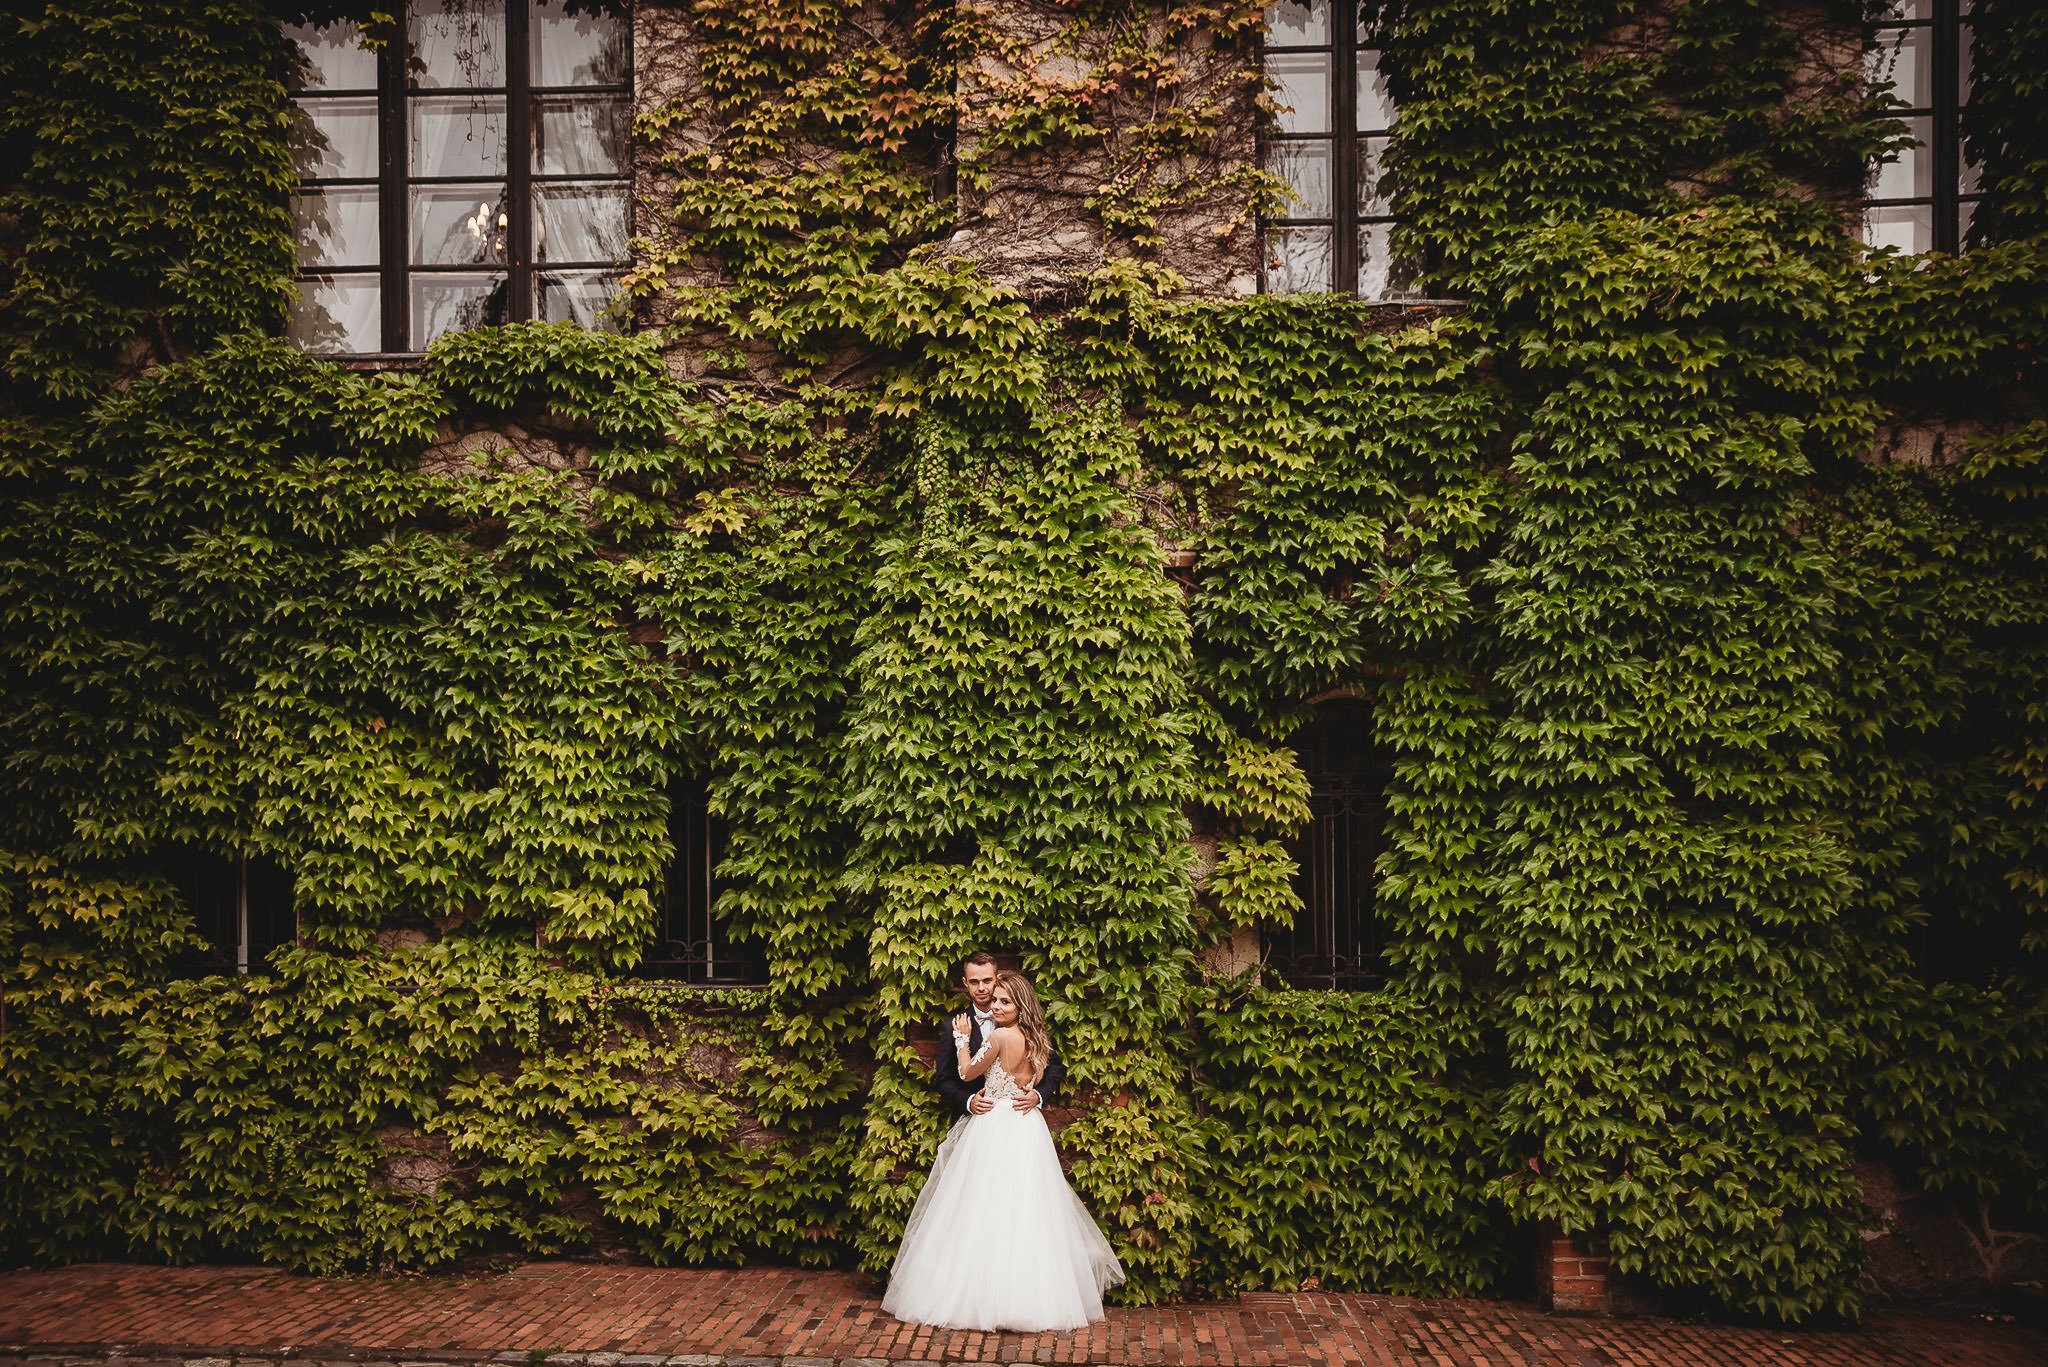 Angelika i Michał, piękne zdjęcia ślubne i sesja plenerowa w Gołuchowie 274